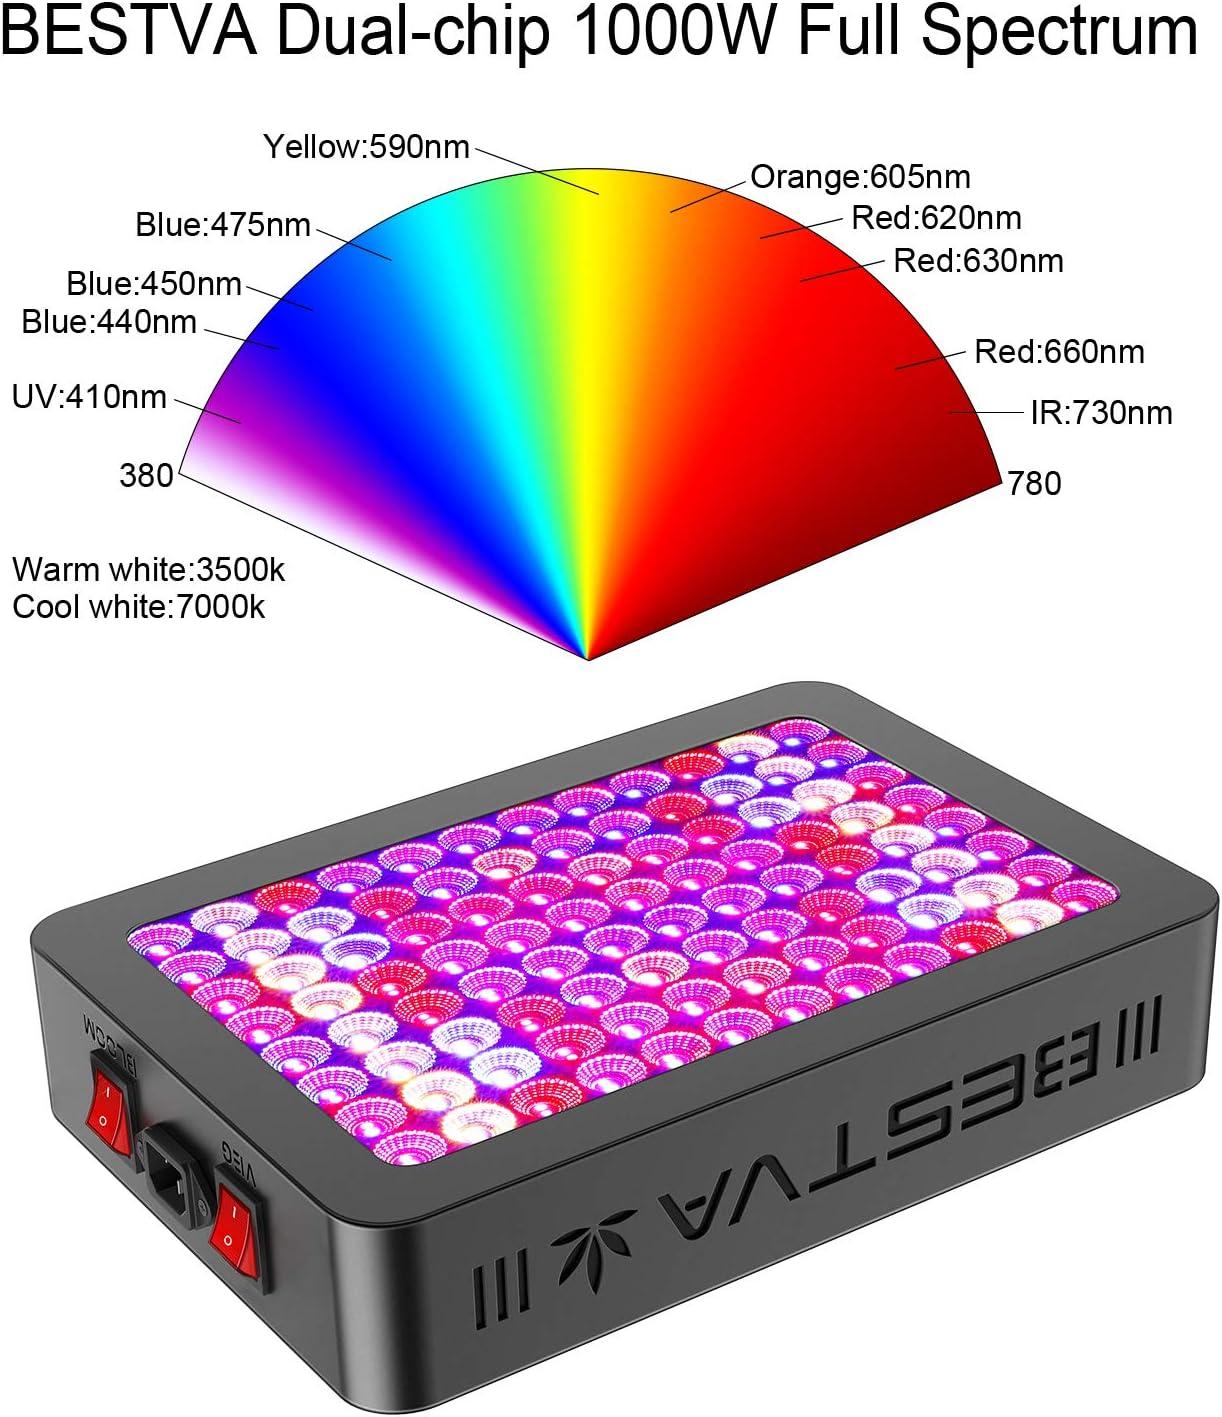 BestVA 1000w full Color Spectrum